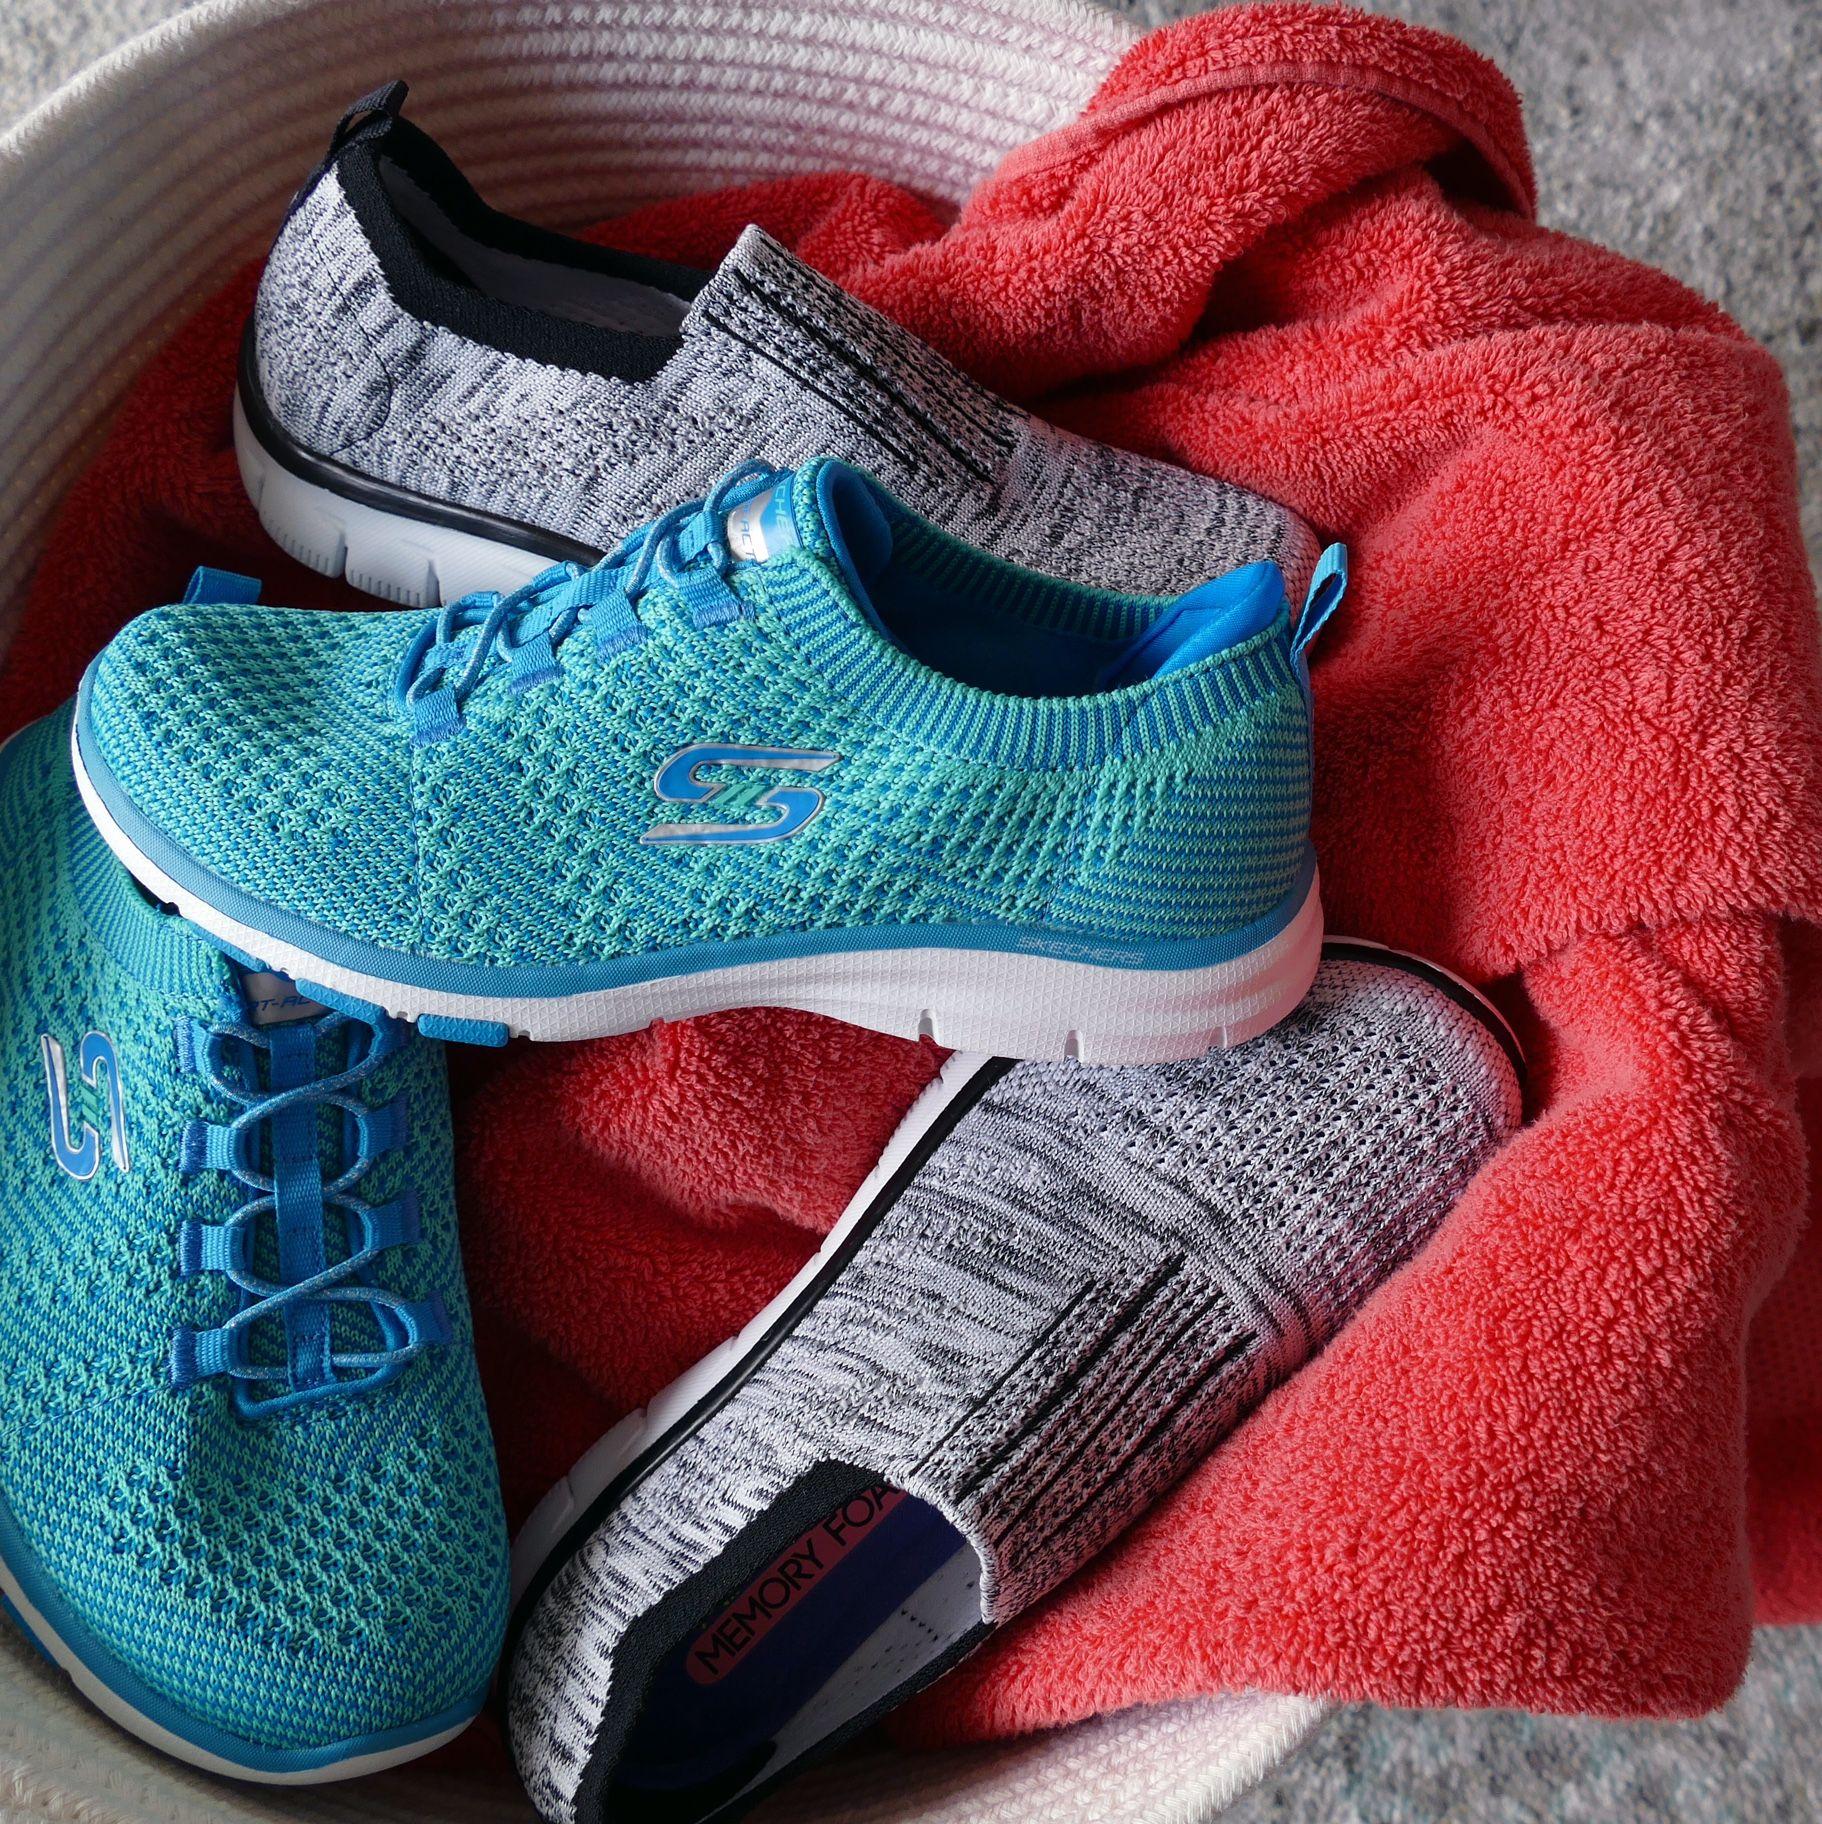 SHOES | Skechers shoes, Shoes